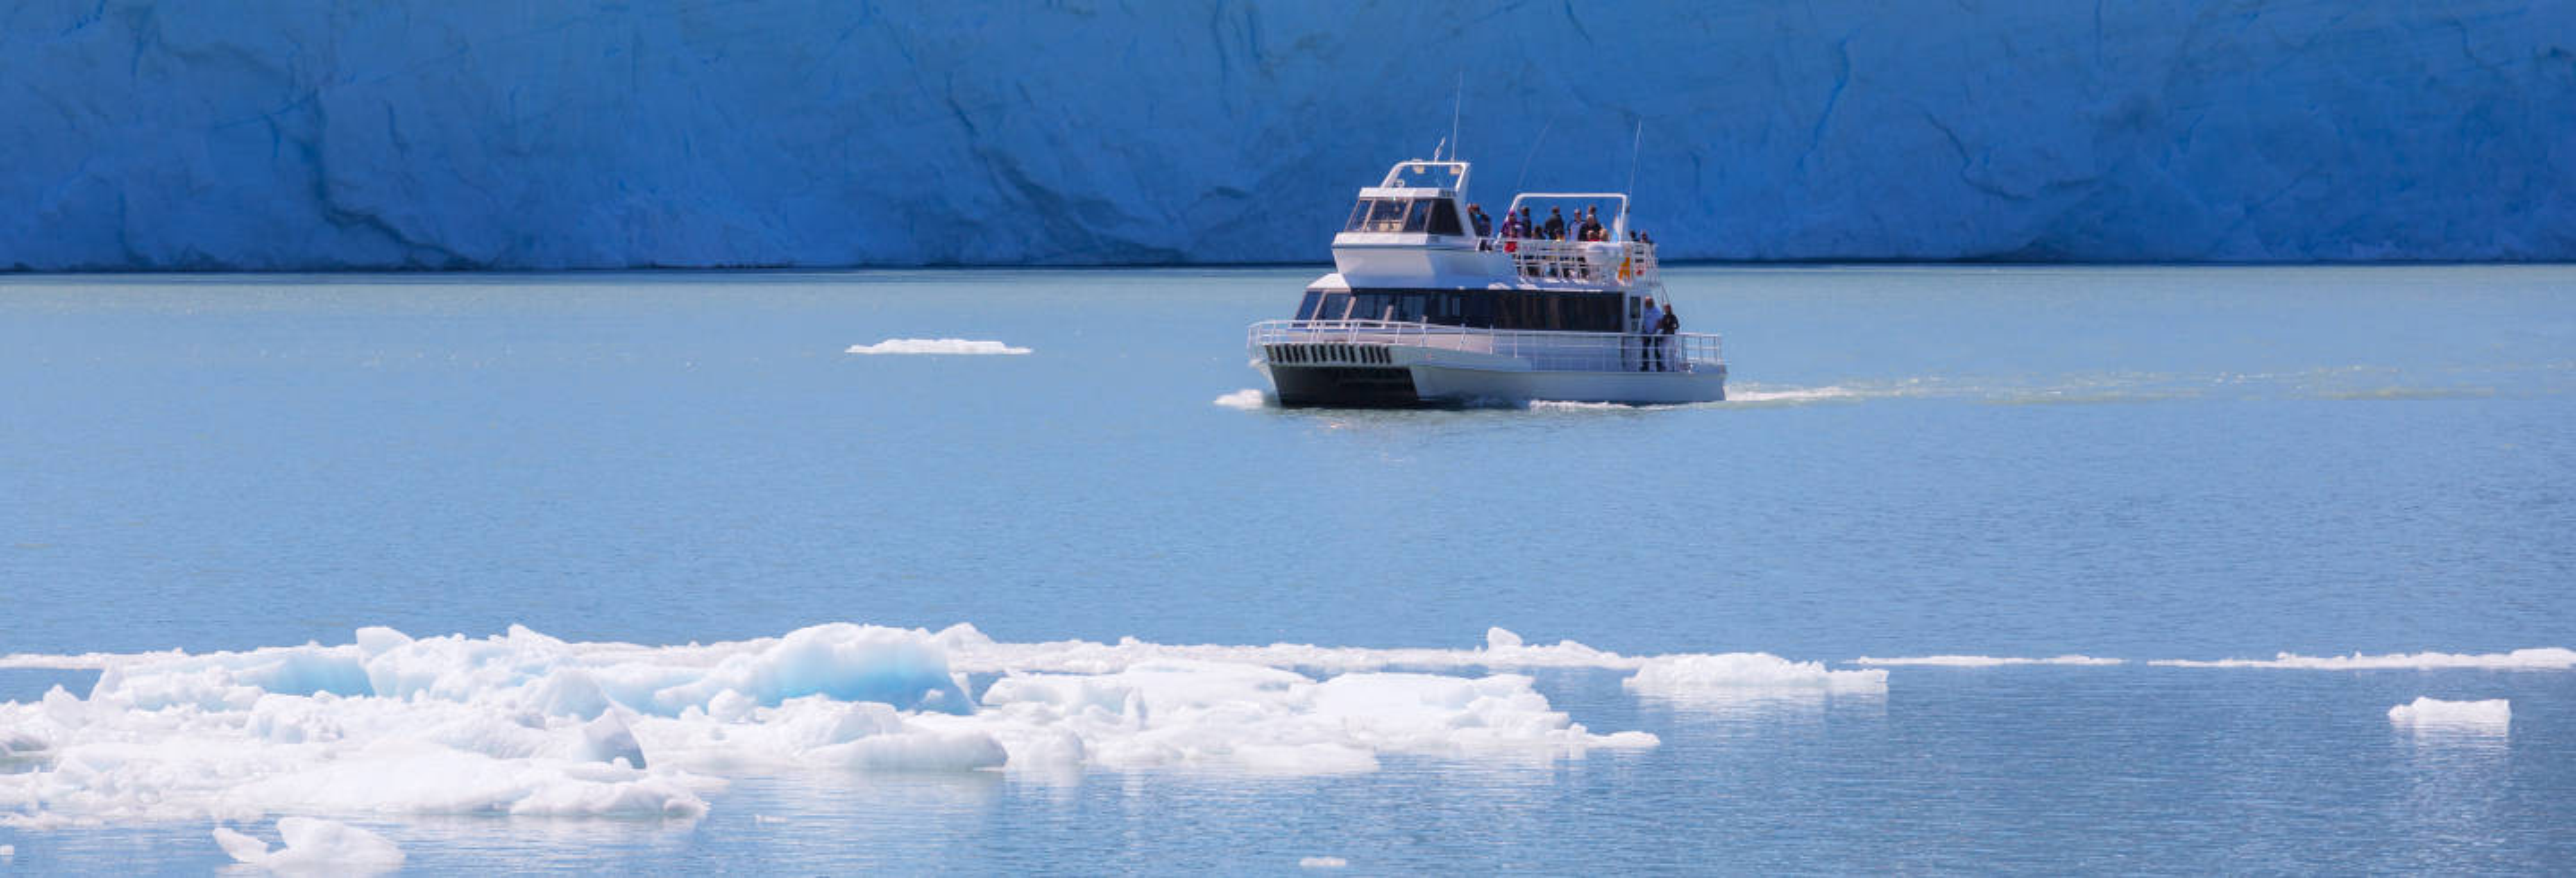 Passeio de barco pelo Glaciar Perito Moreno